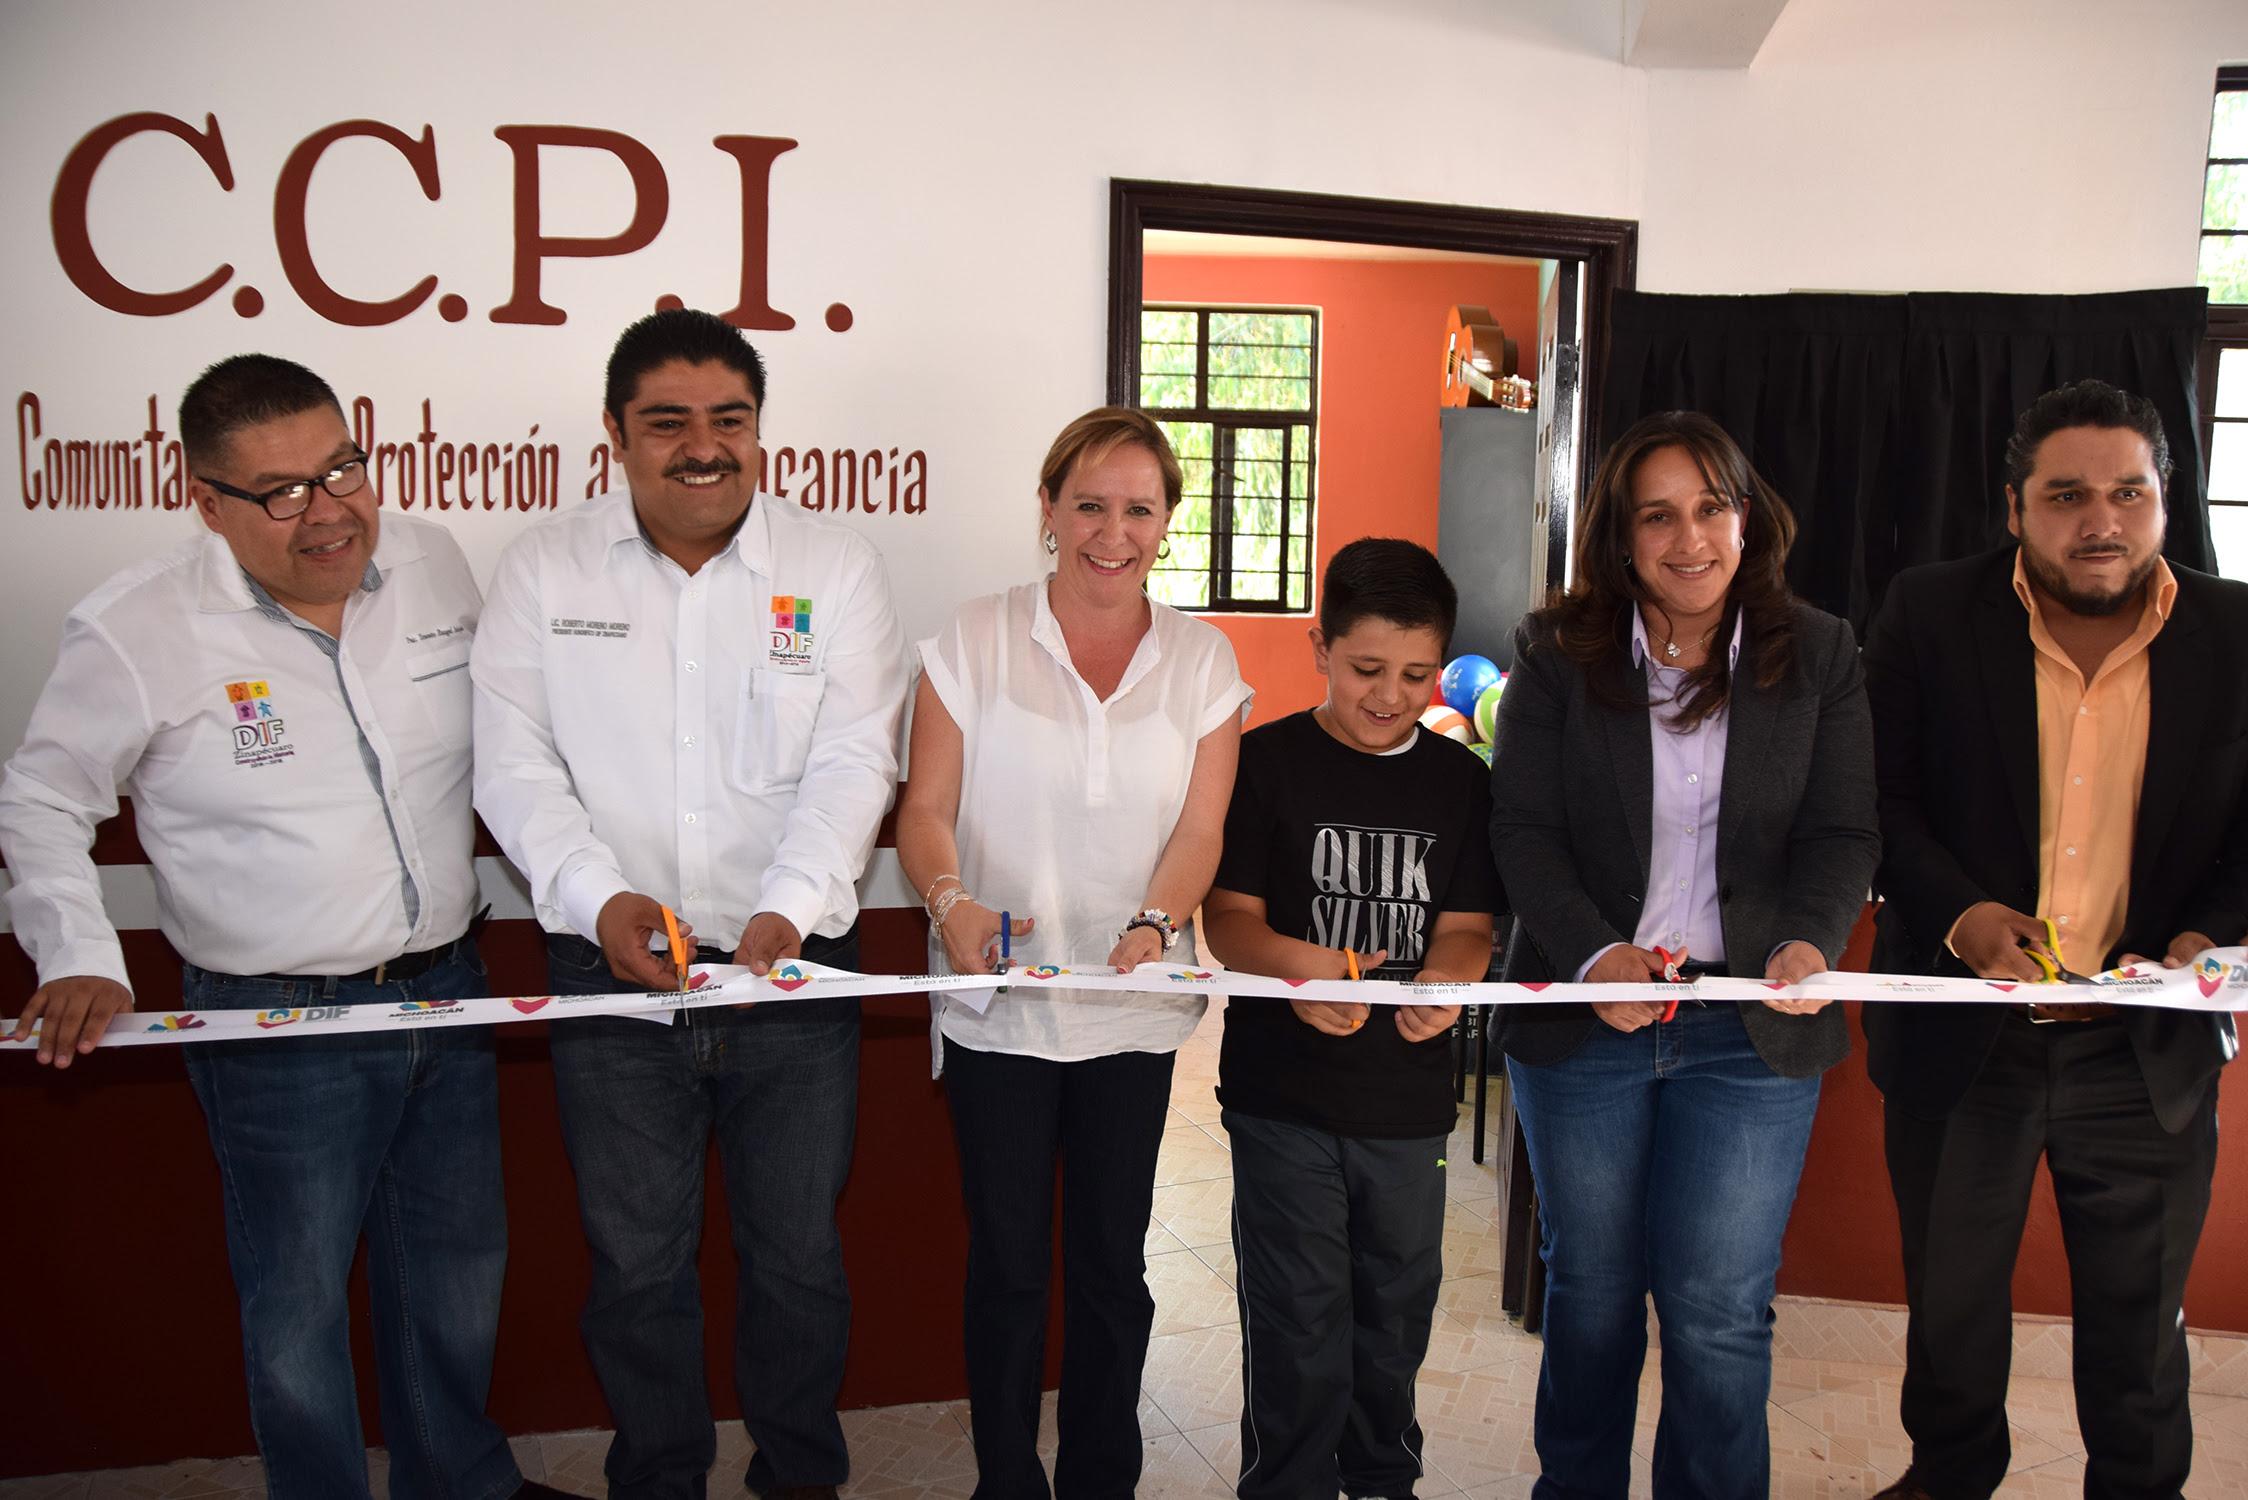 Rocío Beamonte inauguró un CCPI en el municipio de Zinapécuaro